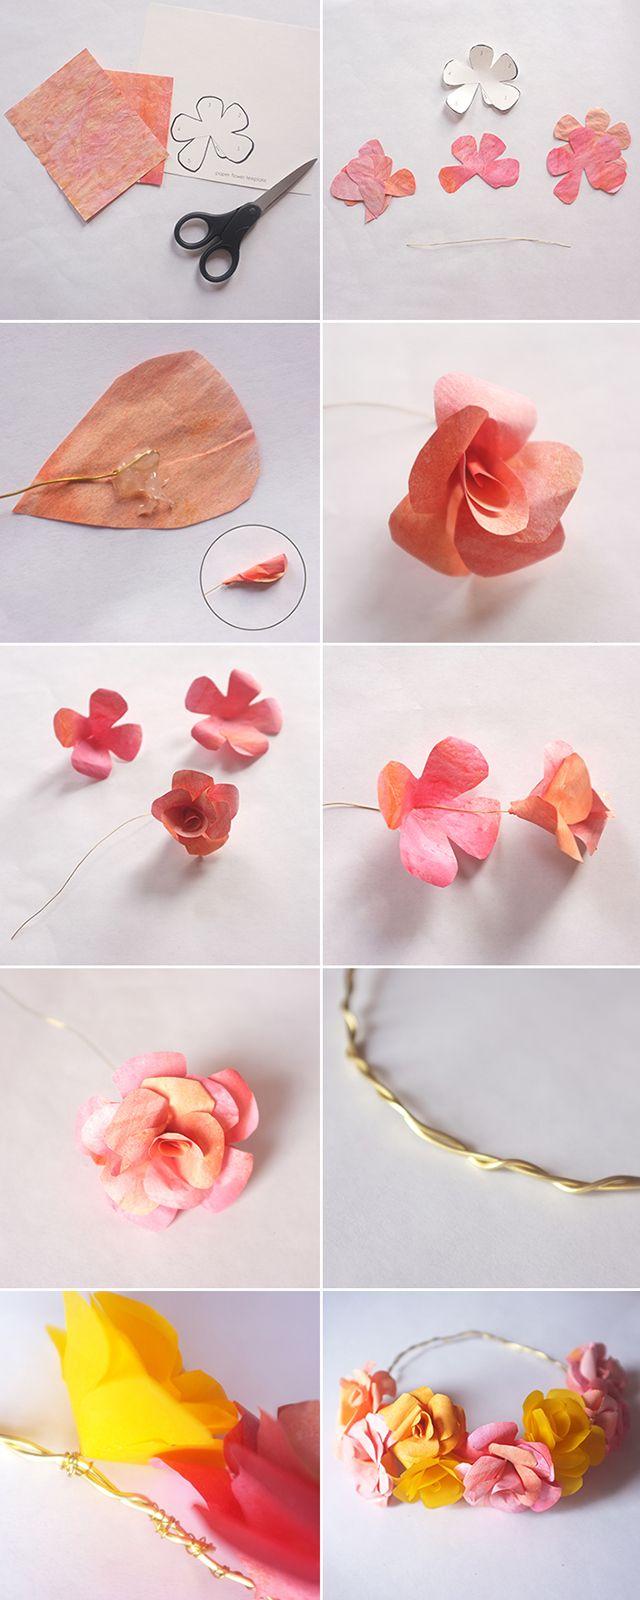 Diy paper flower crown tutorial poemsrom paper flower crown tutorial izmirmasajfo